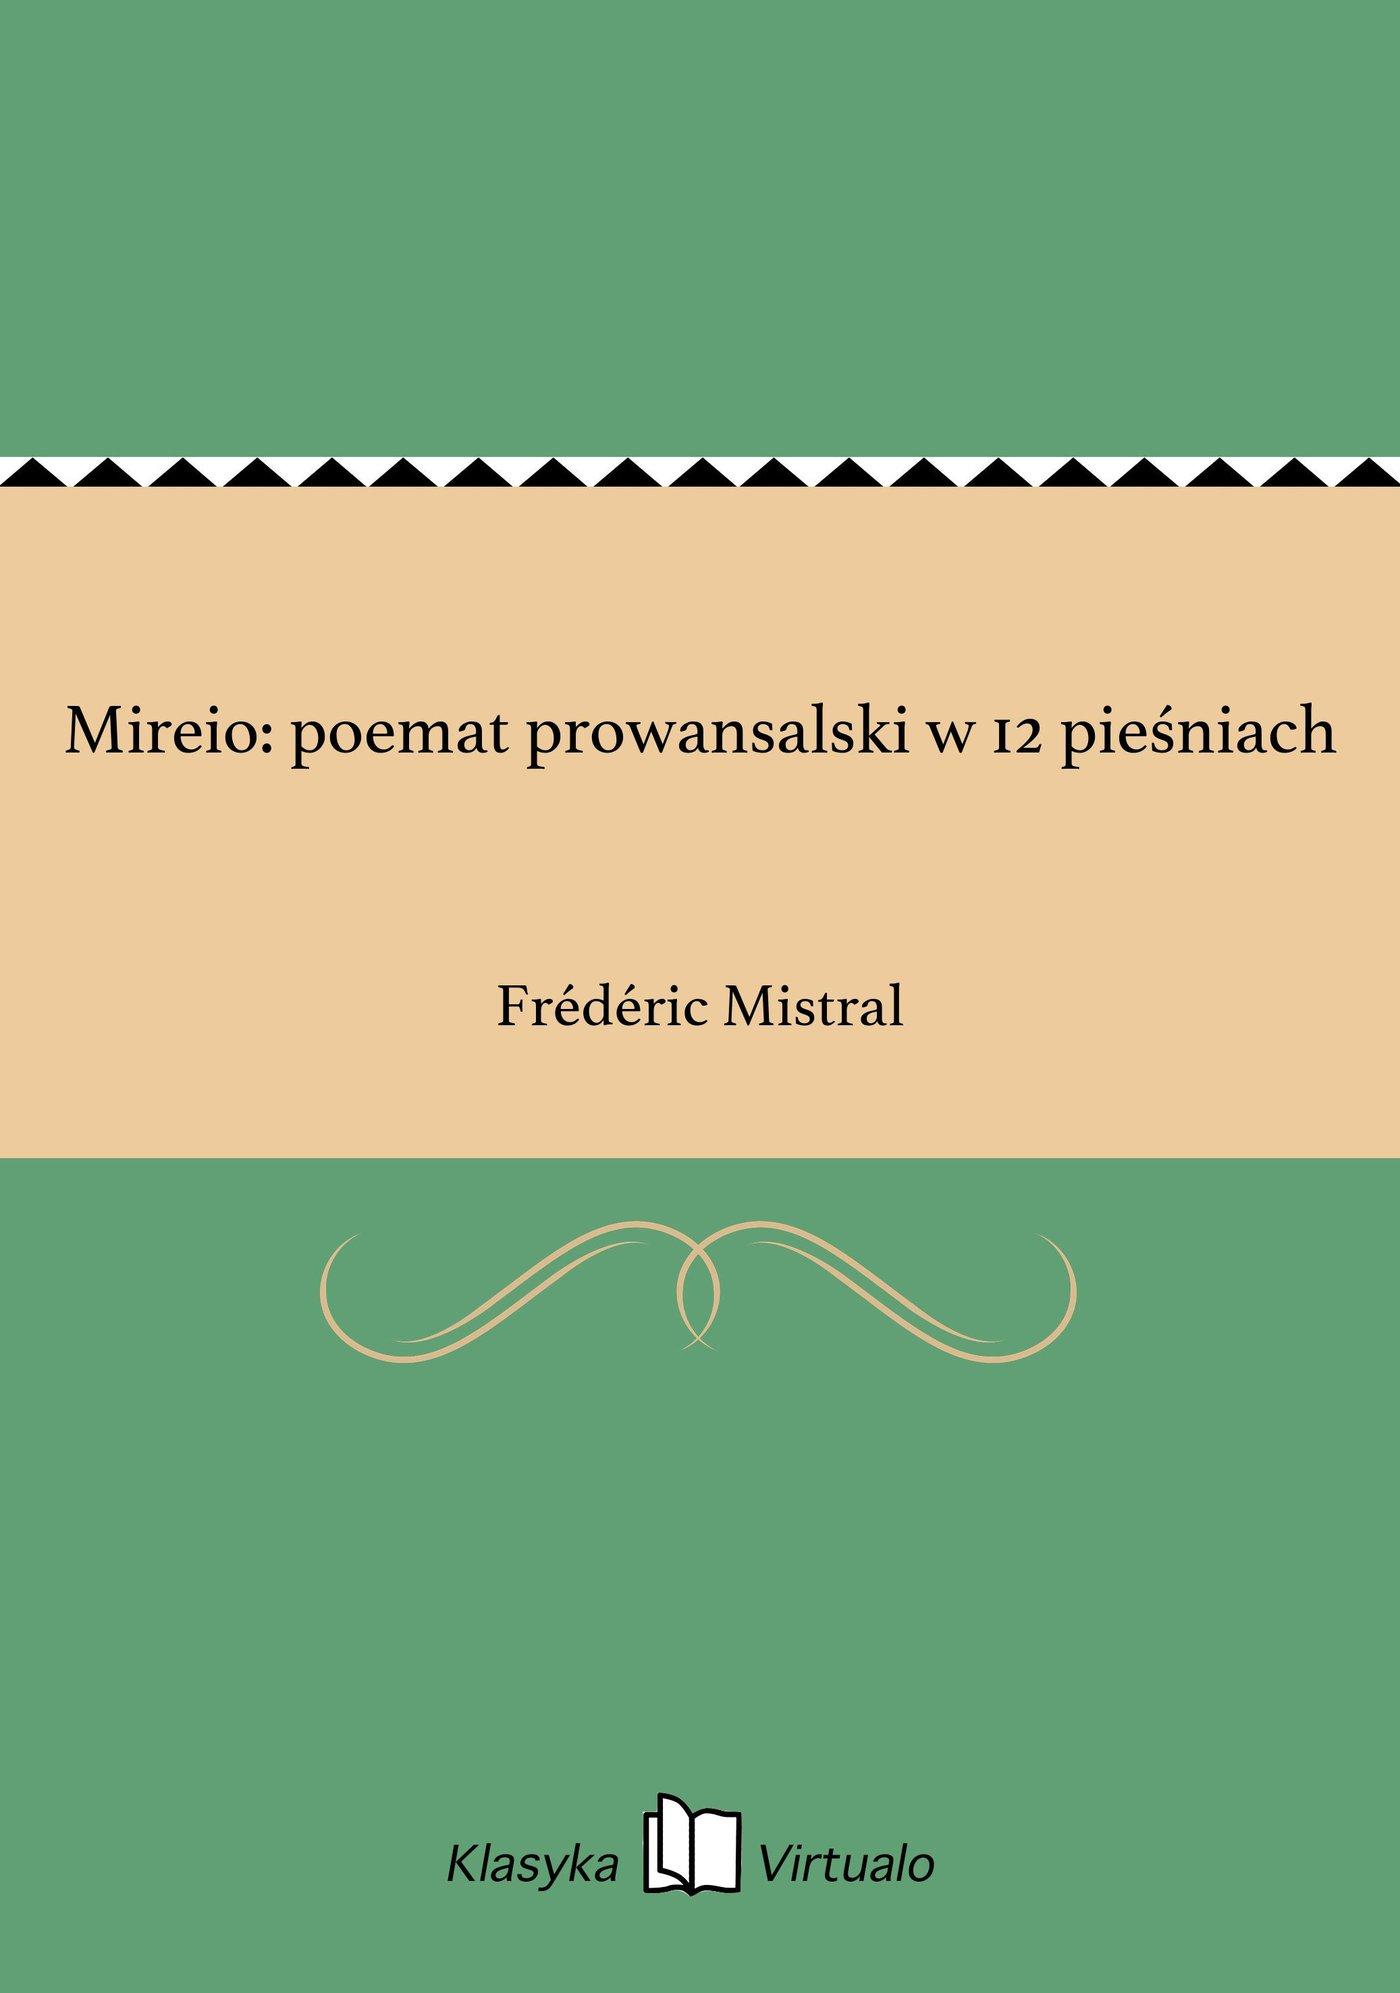 Mireio: poemat prowansalski w 12 pieśniach - Ebook (Książka EPUB) do pobrania w formacie EPUB